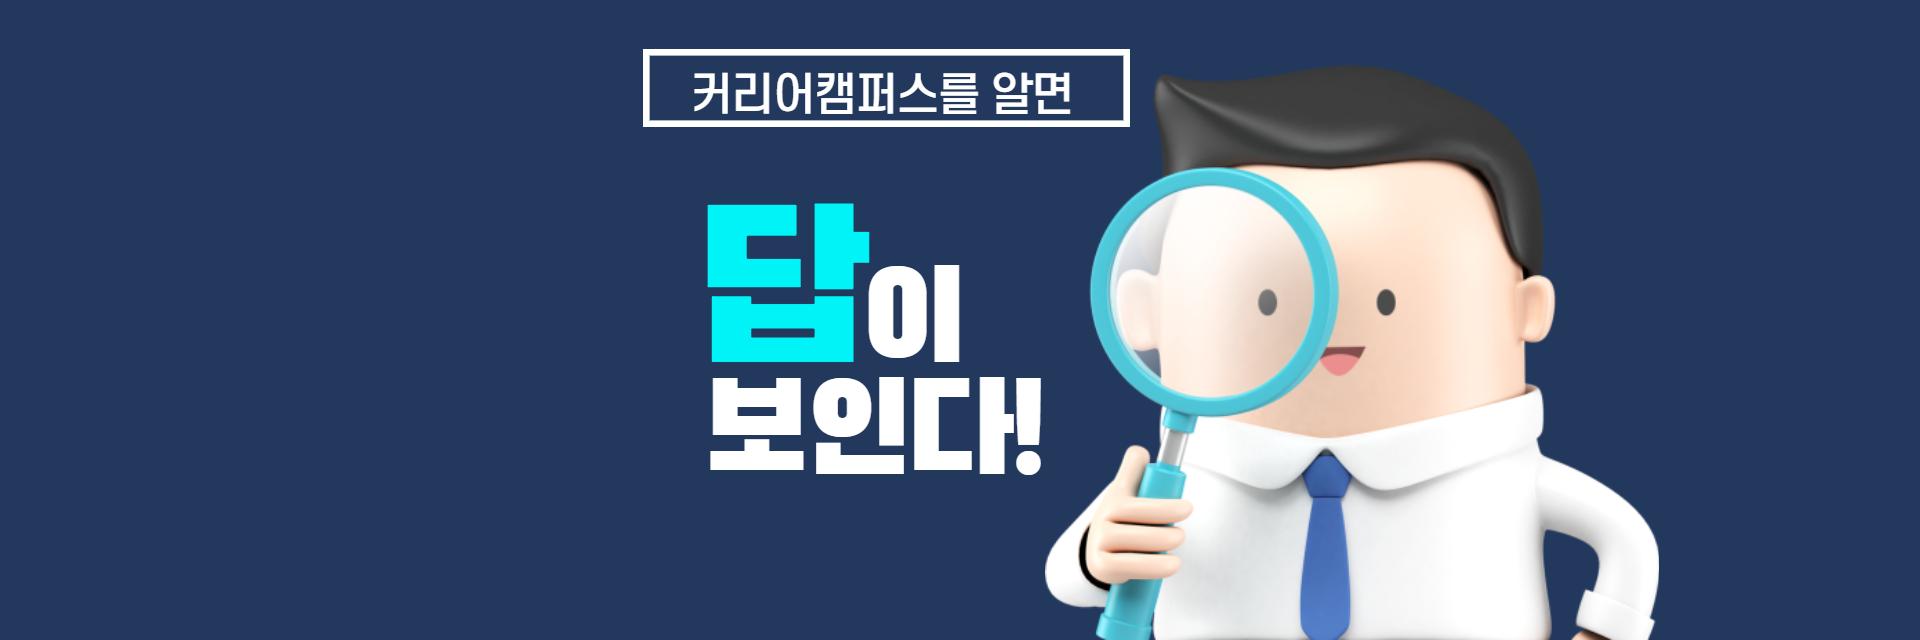 MOS Master] 강남강의